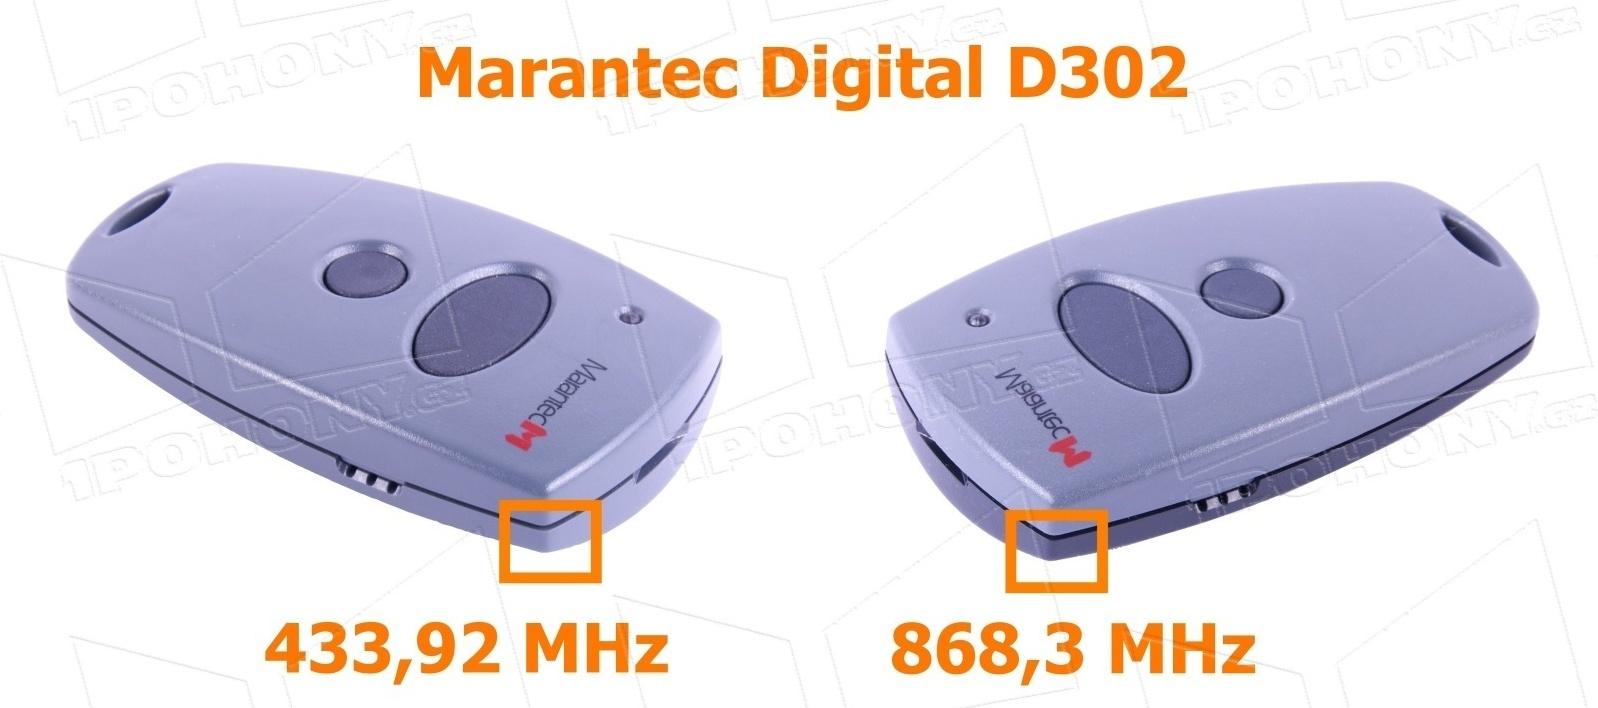 262060-ovladace-marantec-D302-10_1